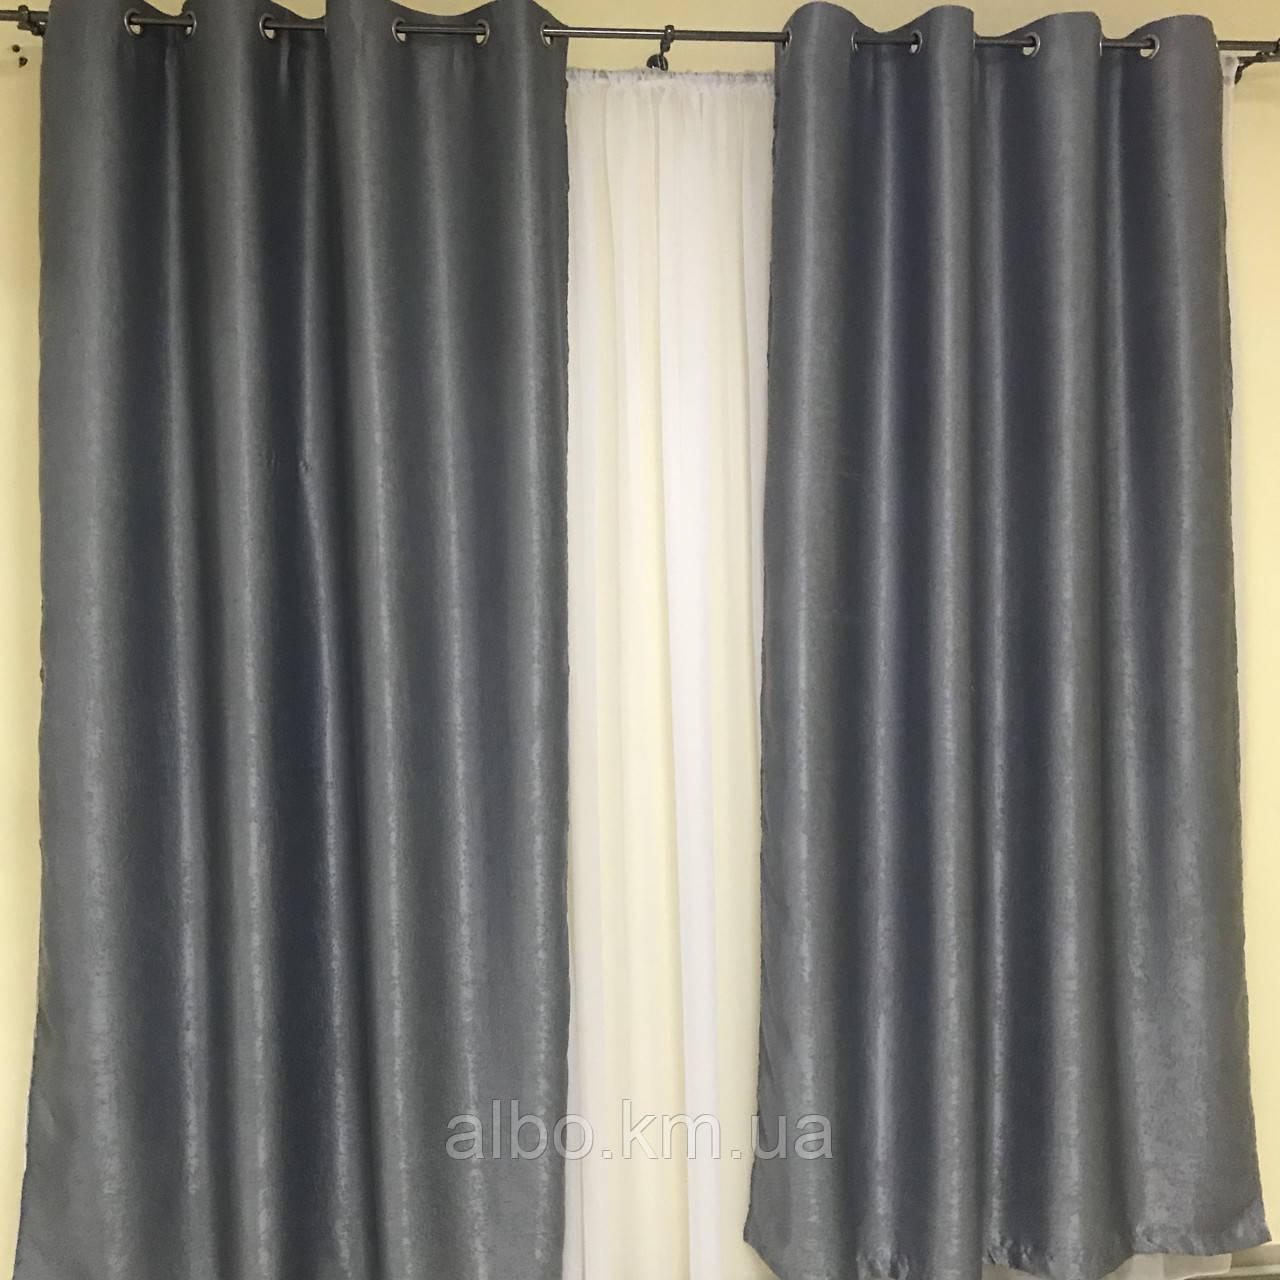 Красивые шторы на люверсах для зала спальни кухни балкона, шторы для зала спальни детской Блэкаут, шторы из